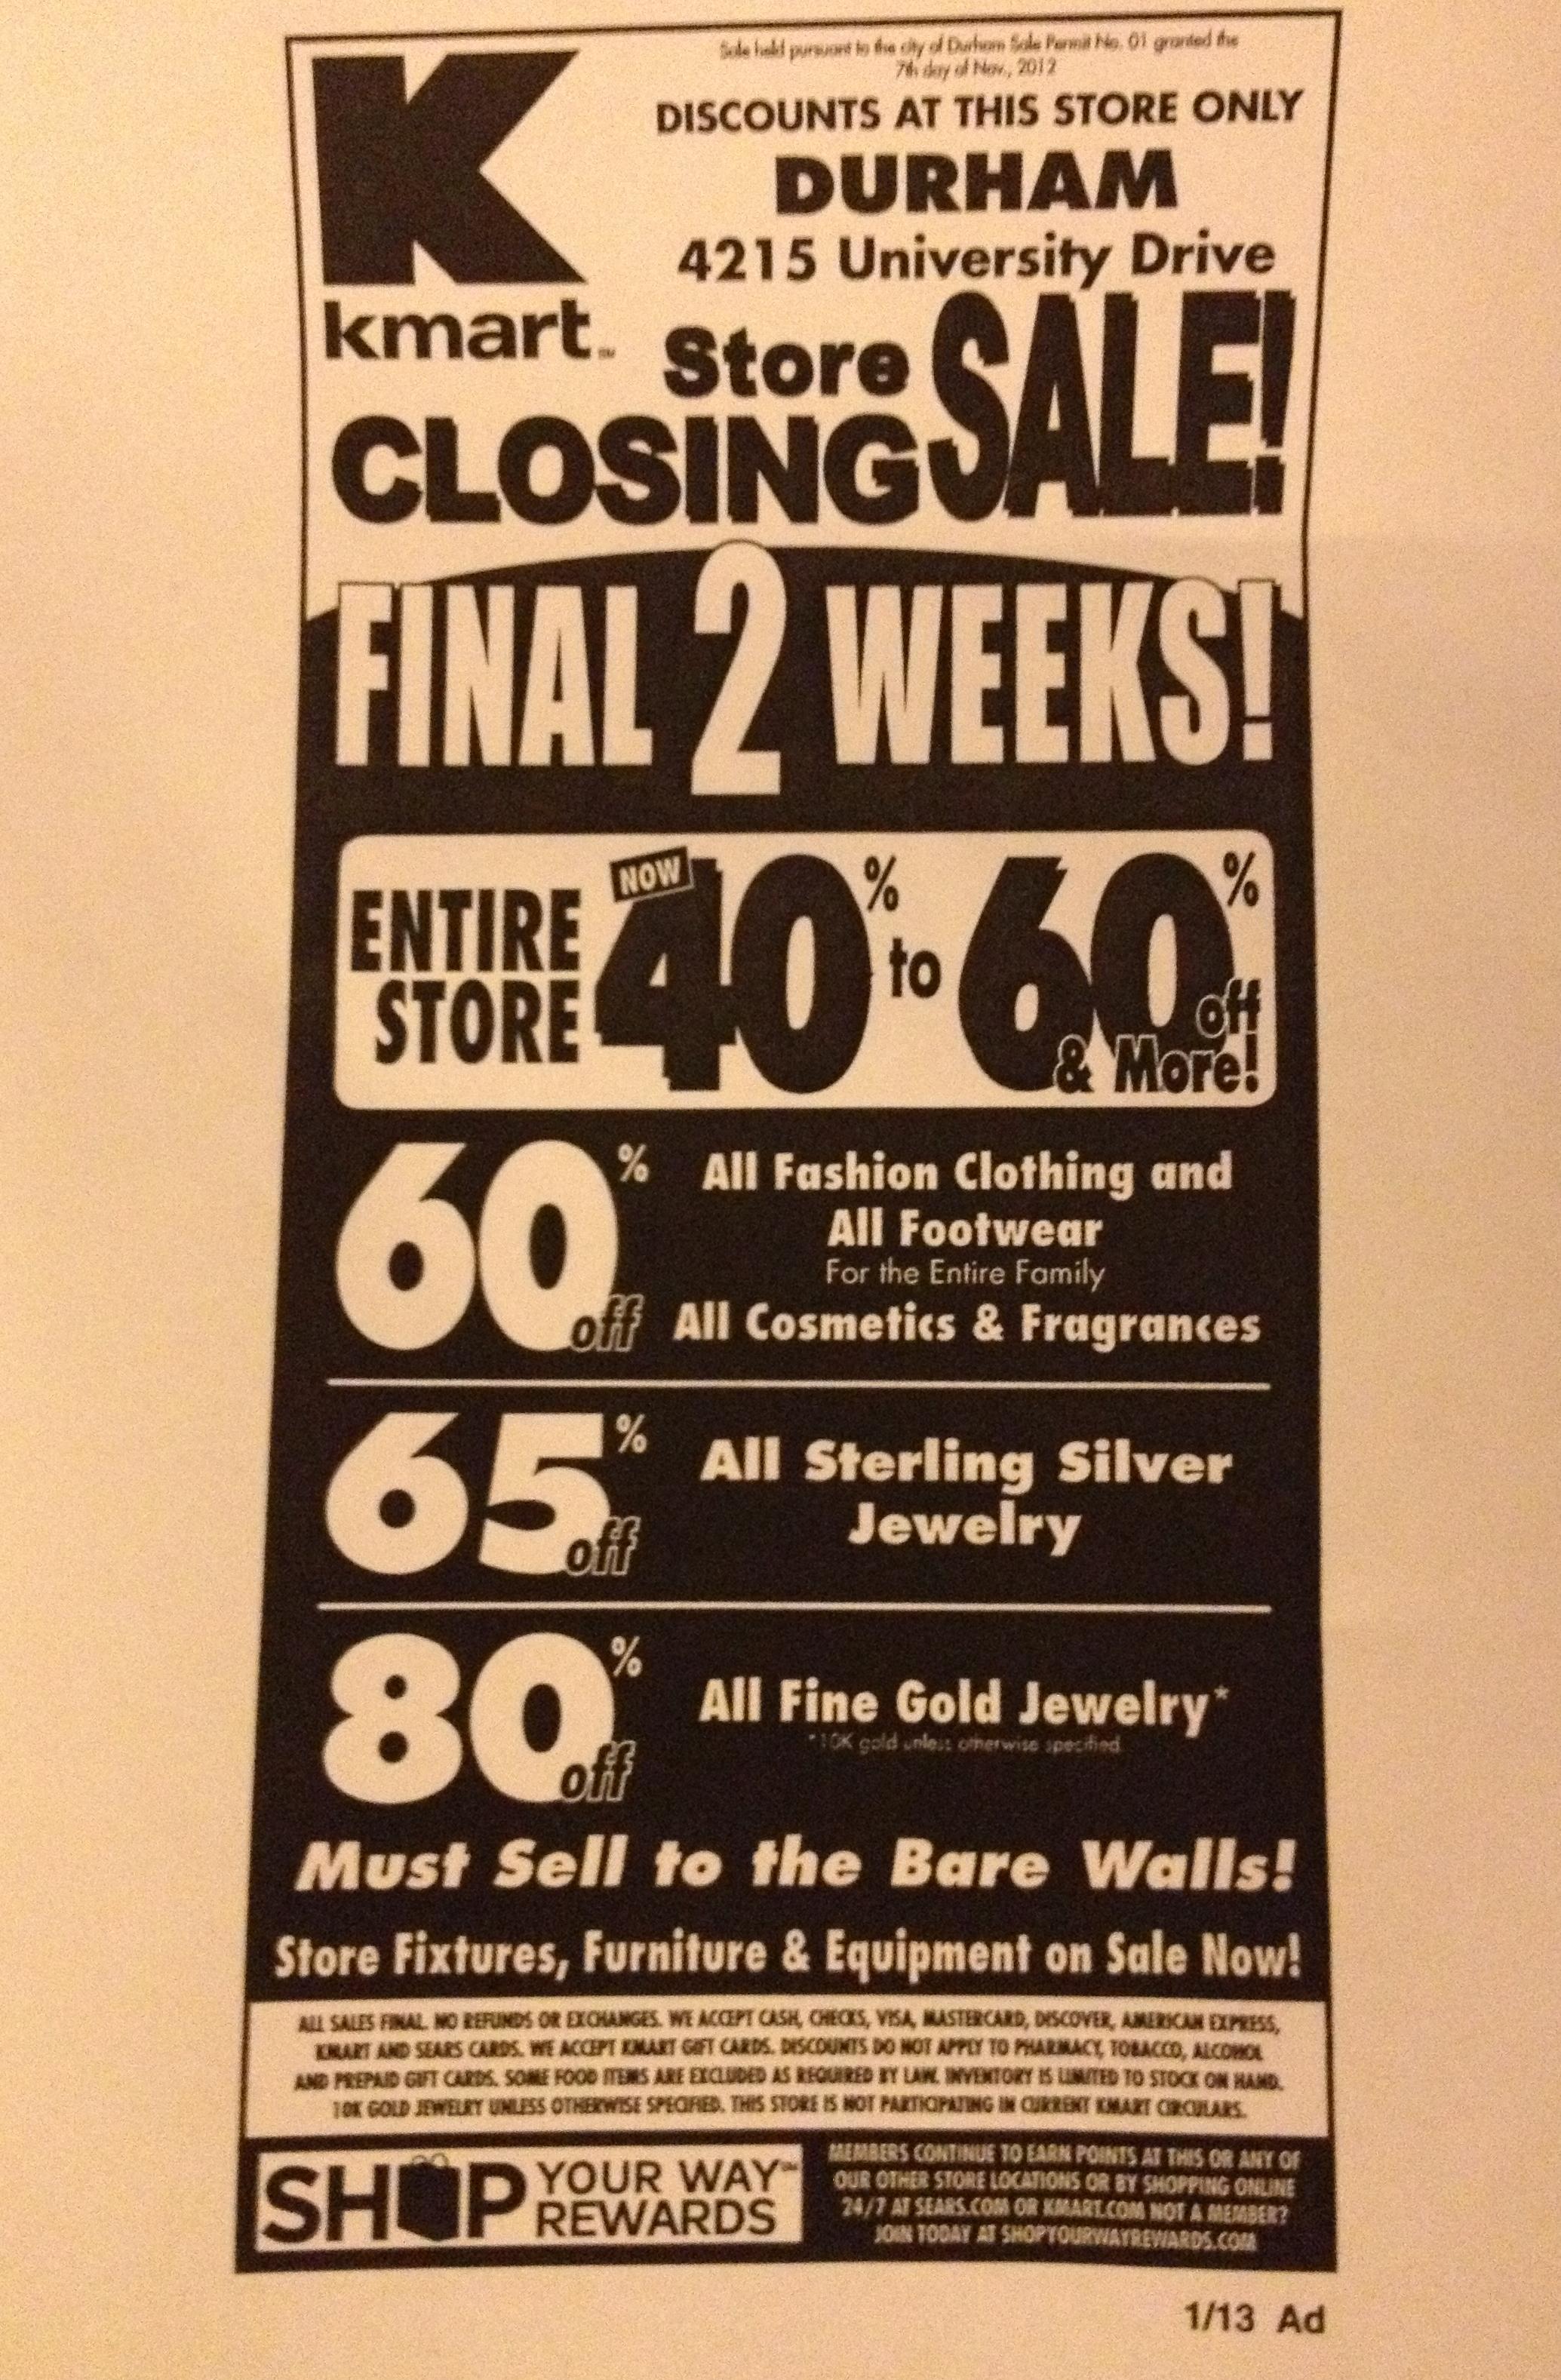 FileKmart Store Closing Flyer Durham NC 8399856295